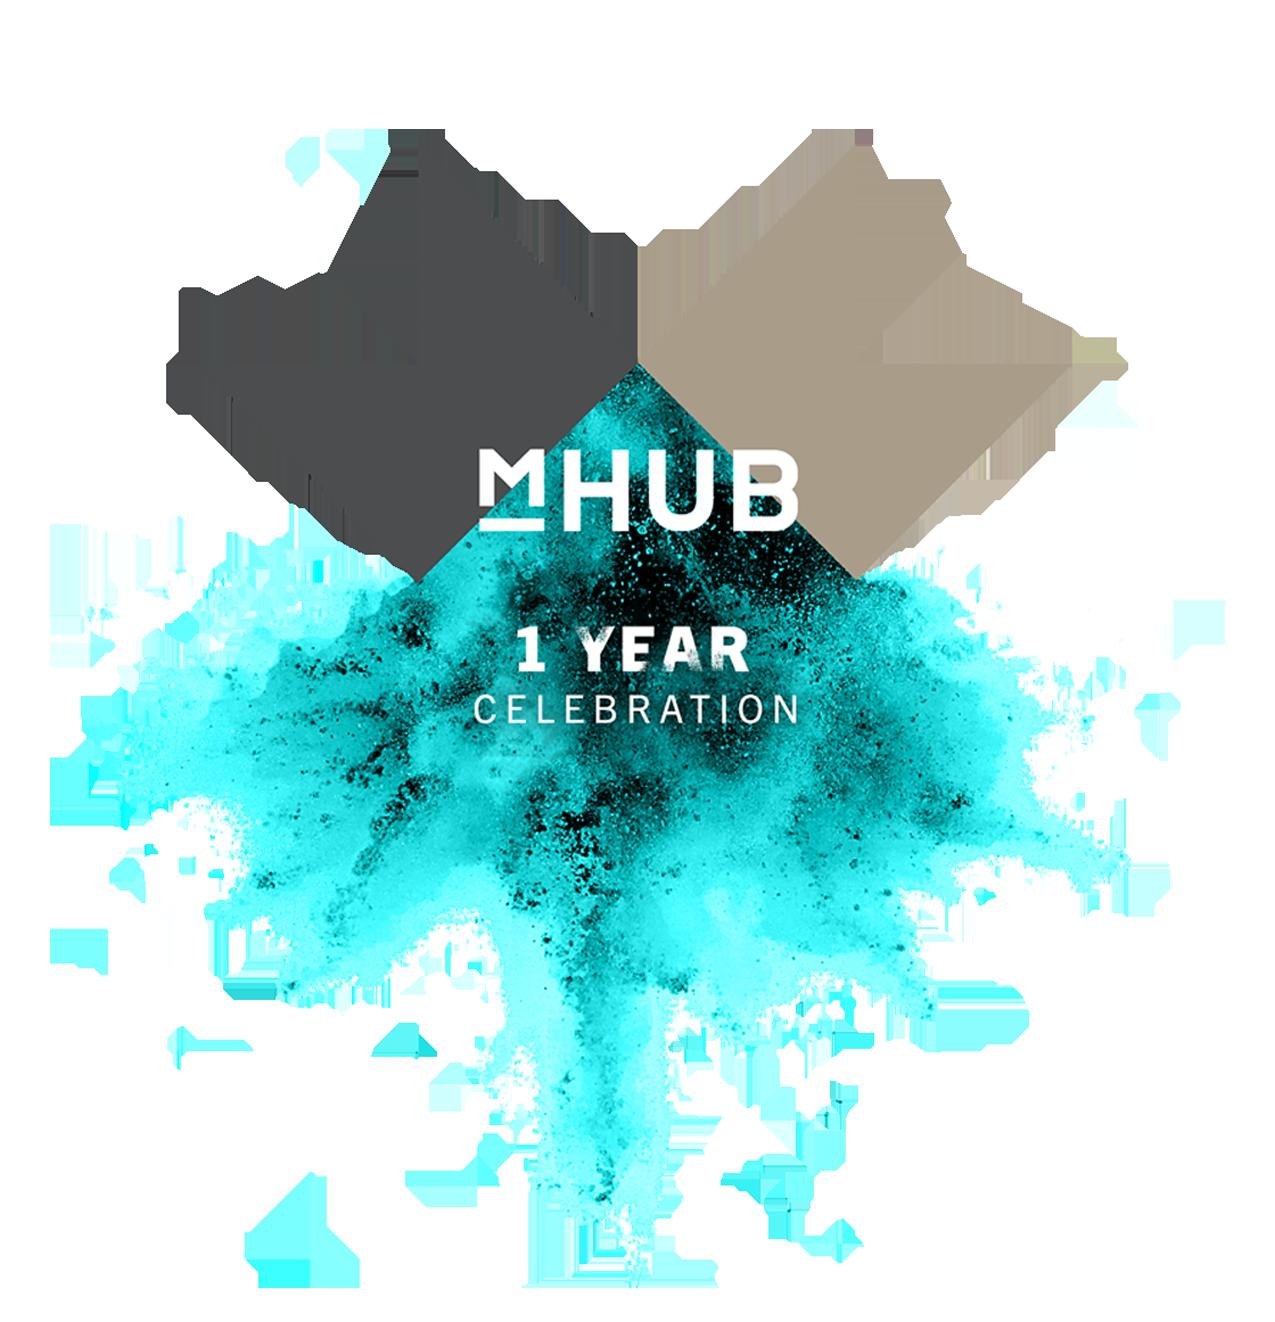 mHUB 1 Year Celebration